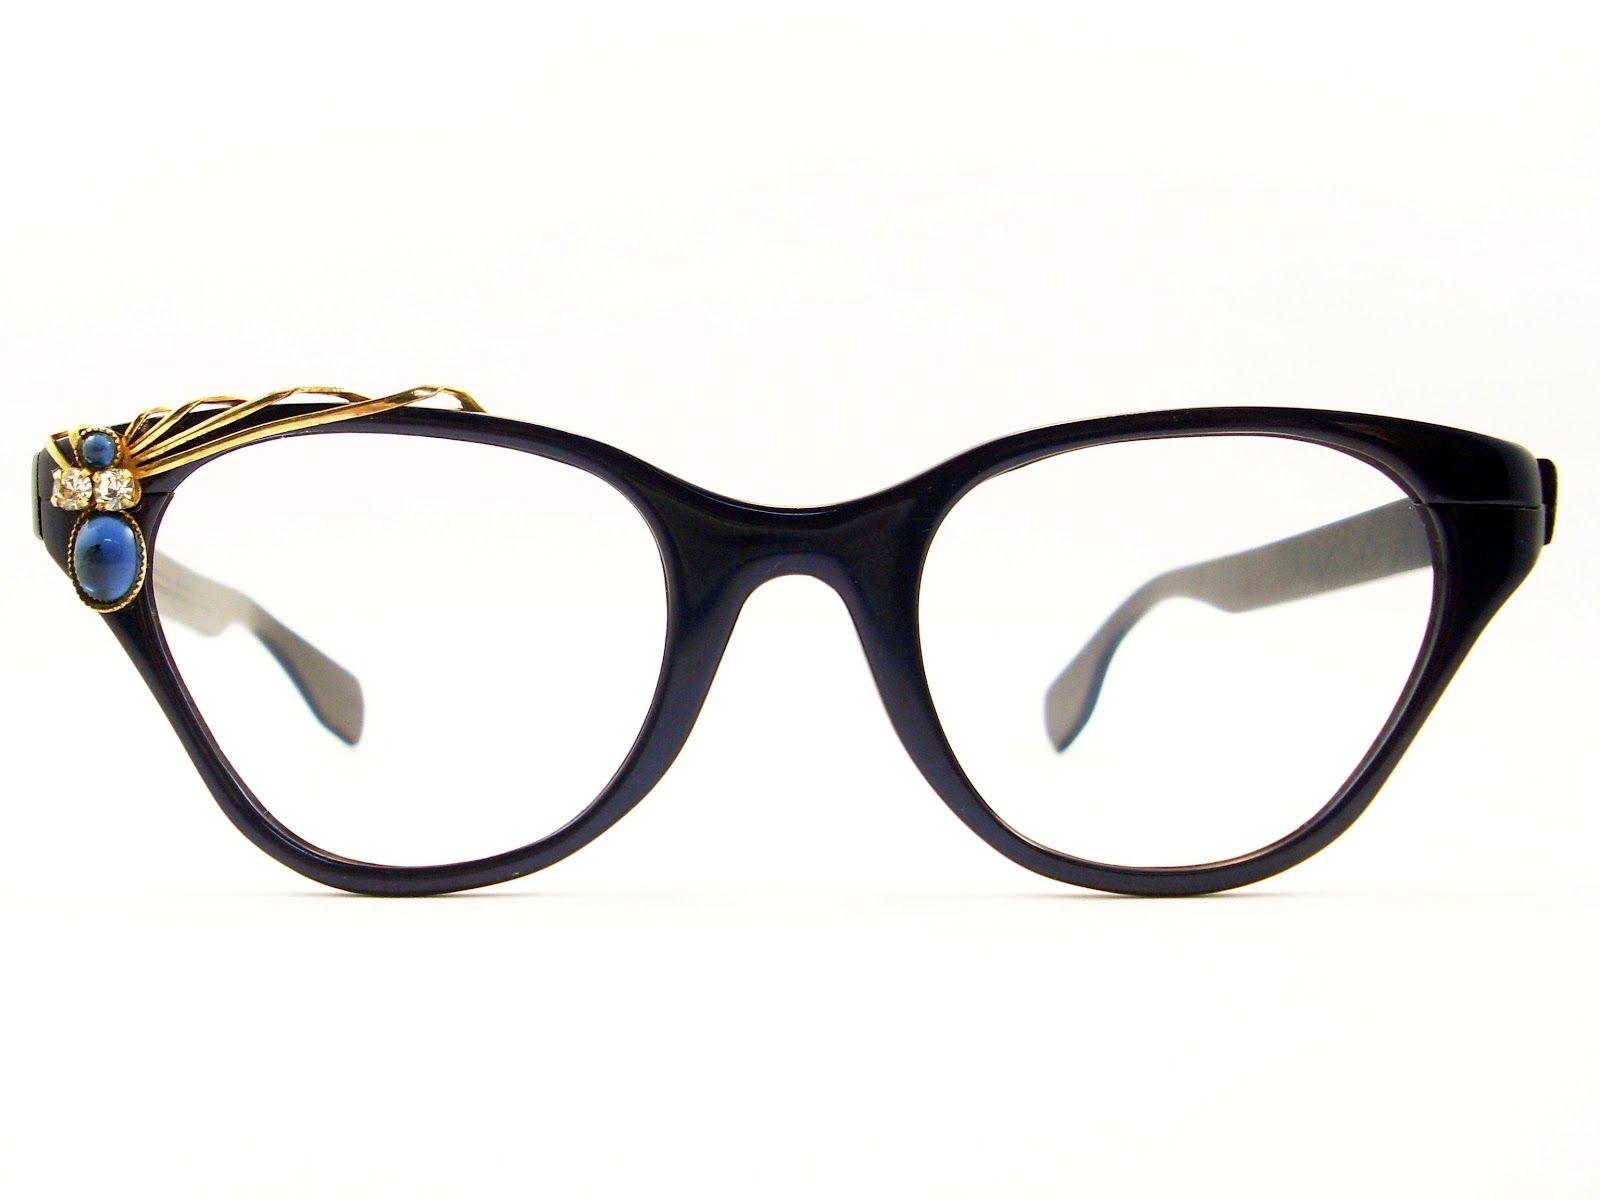 cat eye glasses image | Eyeglasses Frames Eyewear Sunglasses 50S: VINTAGE CAT EYE GLASSES ...